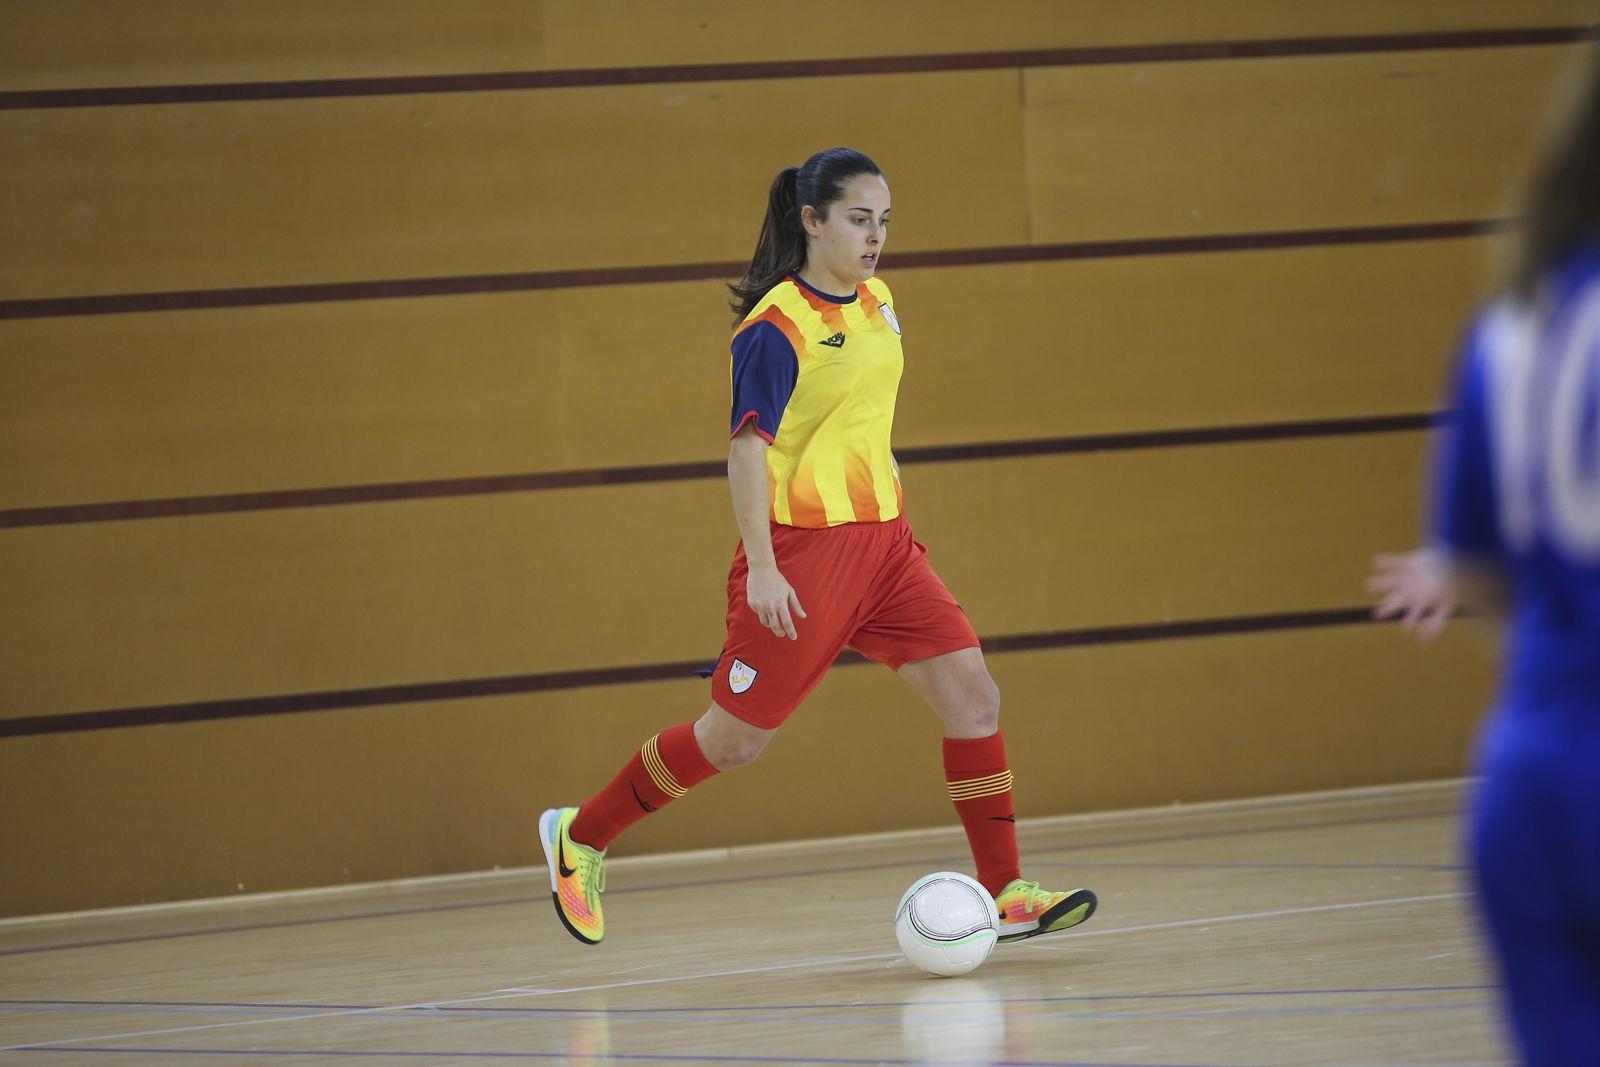 Sonia Blanco juga aquest cap de setmana la fase final del Campionat d'Espanya